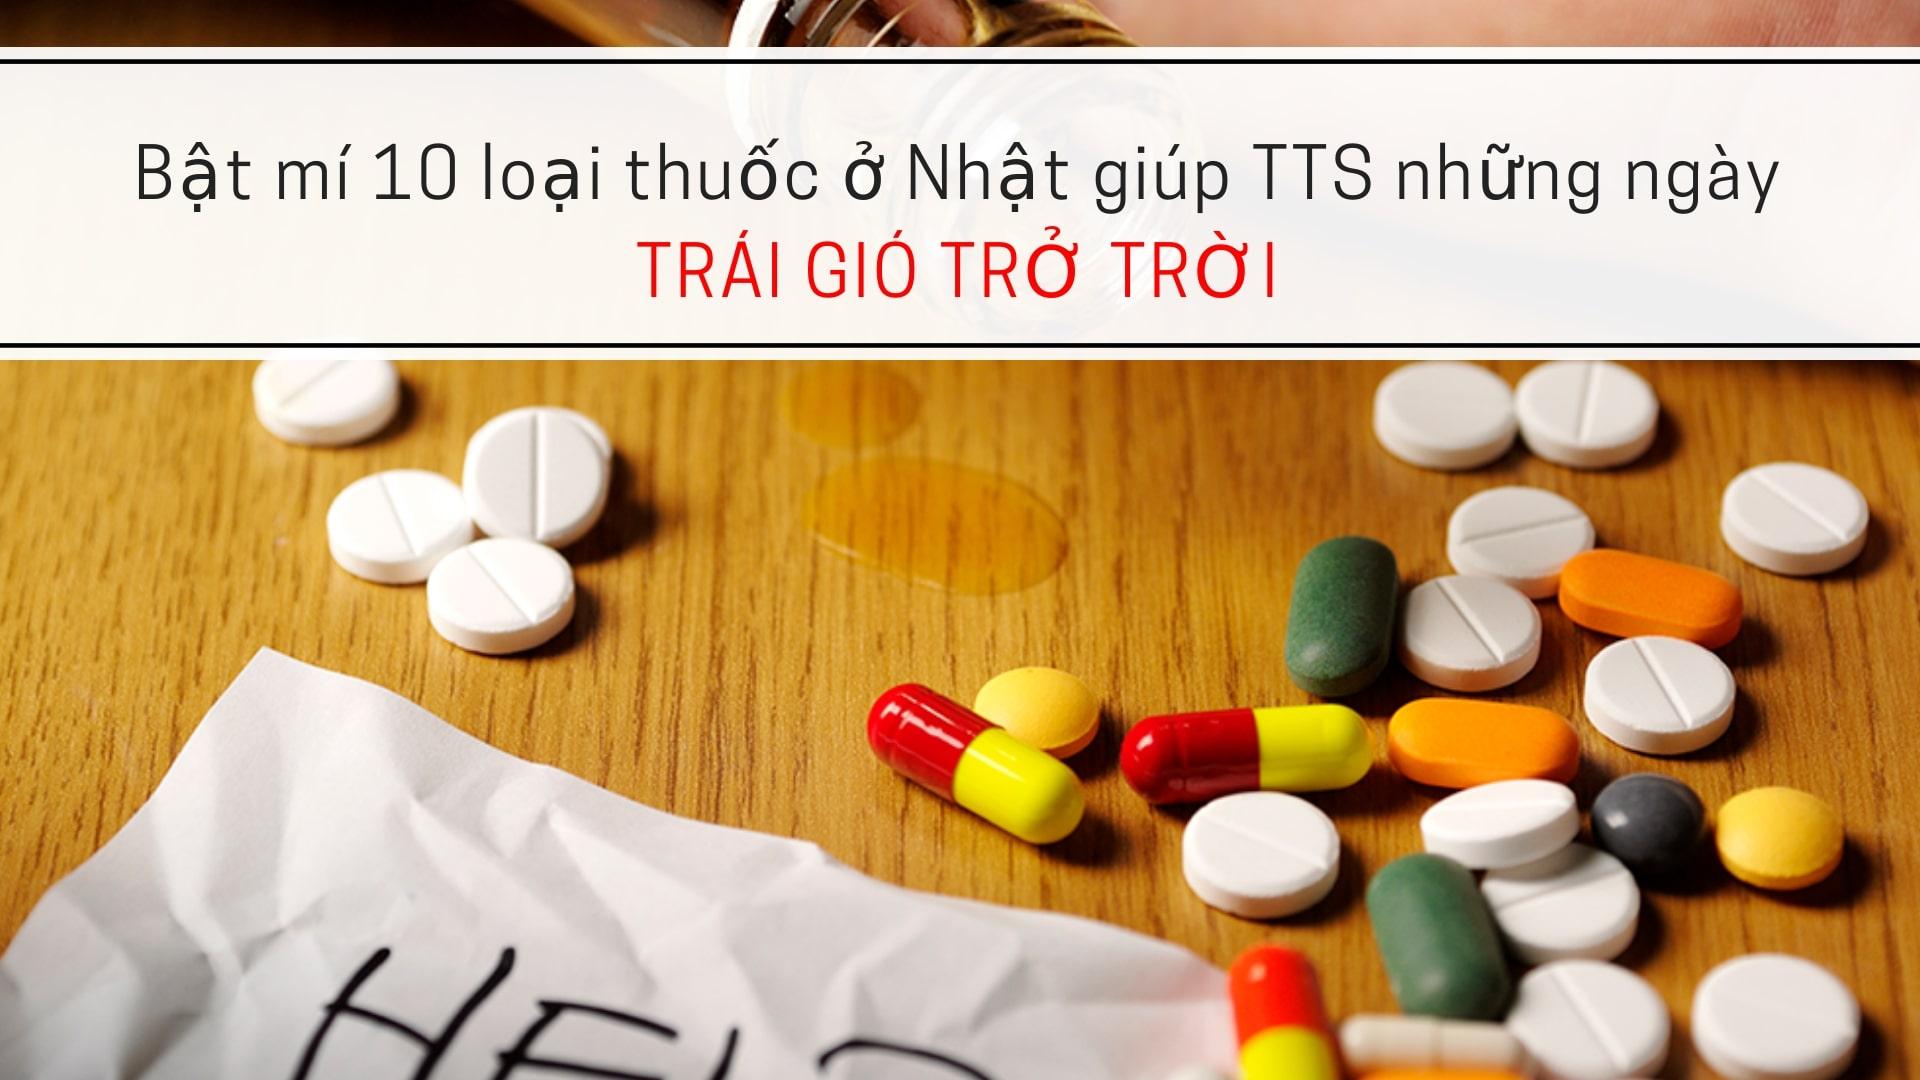 Bật mí 10 loại thuốc ở Nhật giúp TTS những ngày TRÁI GIÓ TRỞ TRỜI